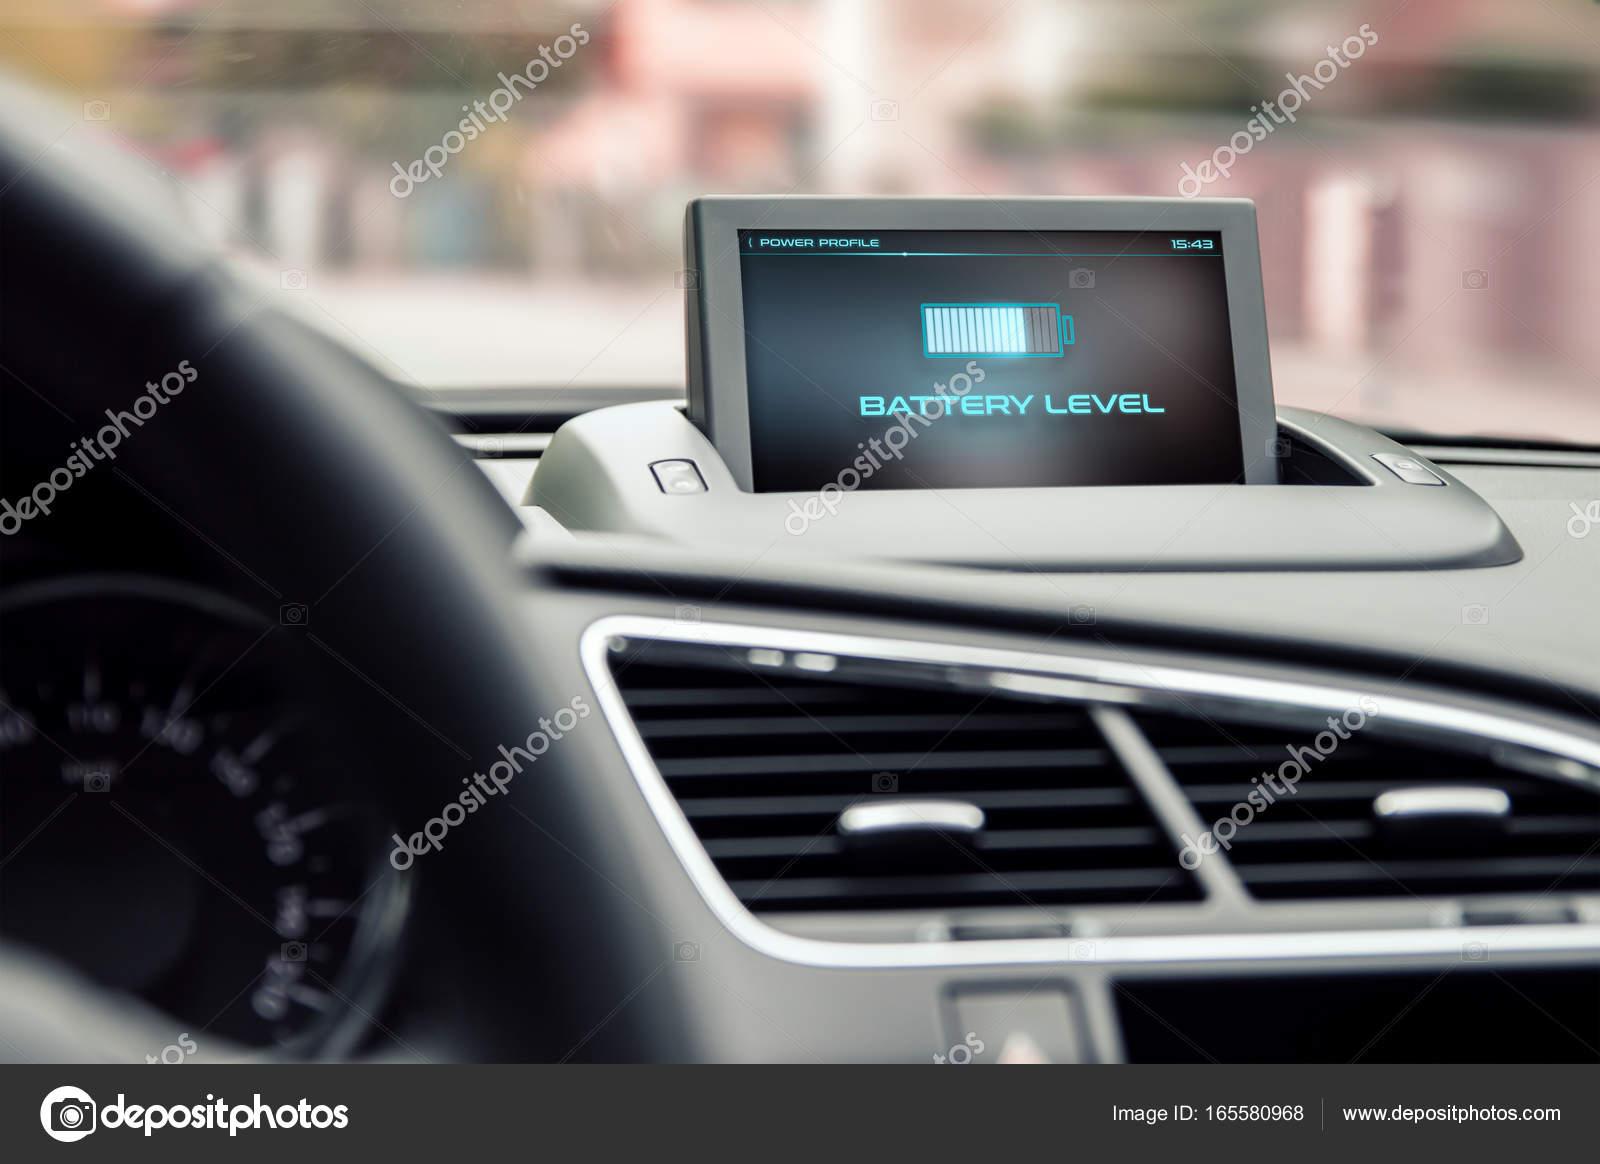 Informatie Over Het Niveau Van De Batterij In De Elektrische Auto